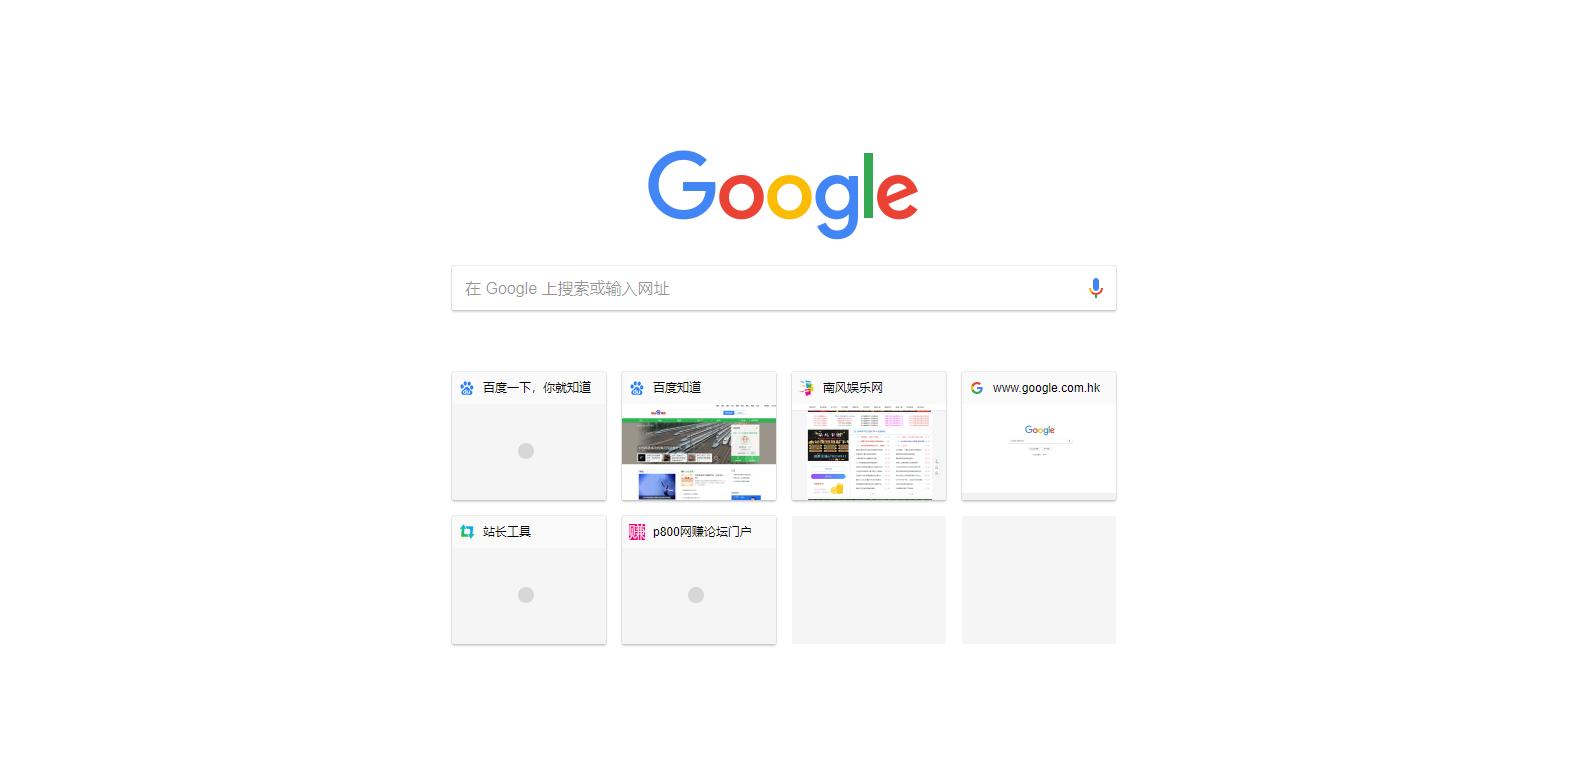 搜索引擎世界排行榜,最好的搜索引擎是谁?